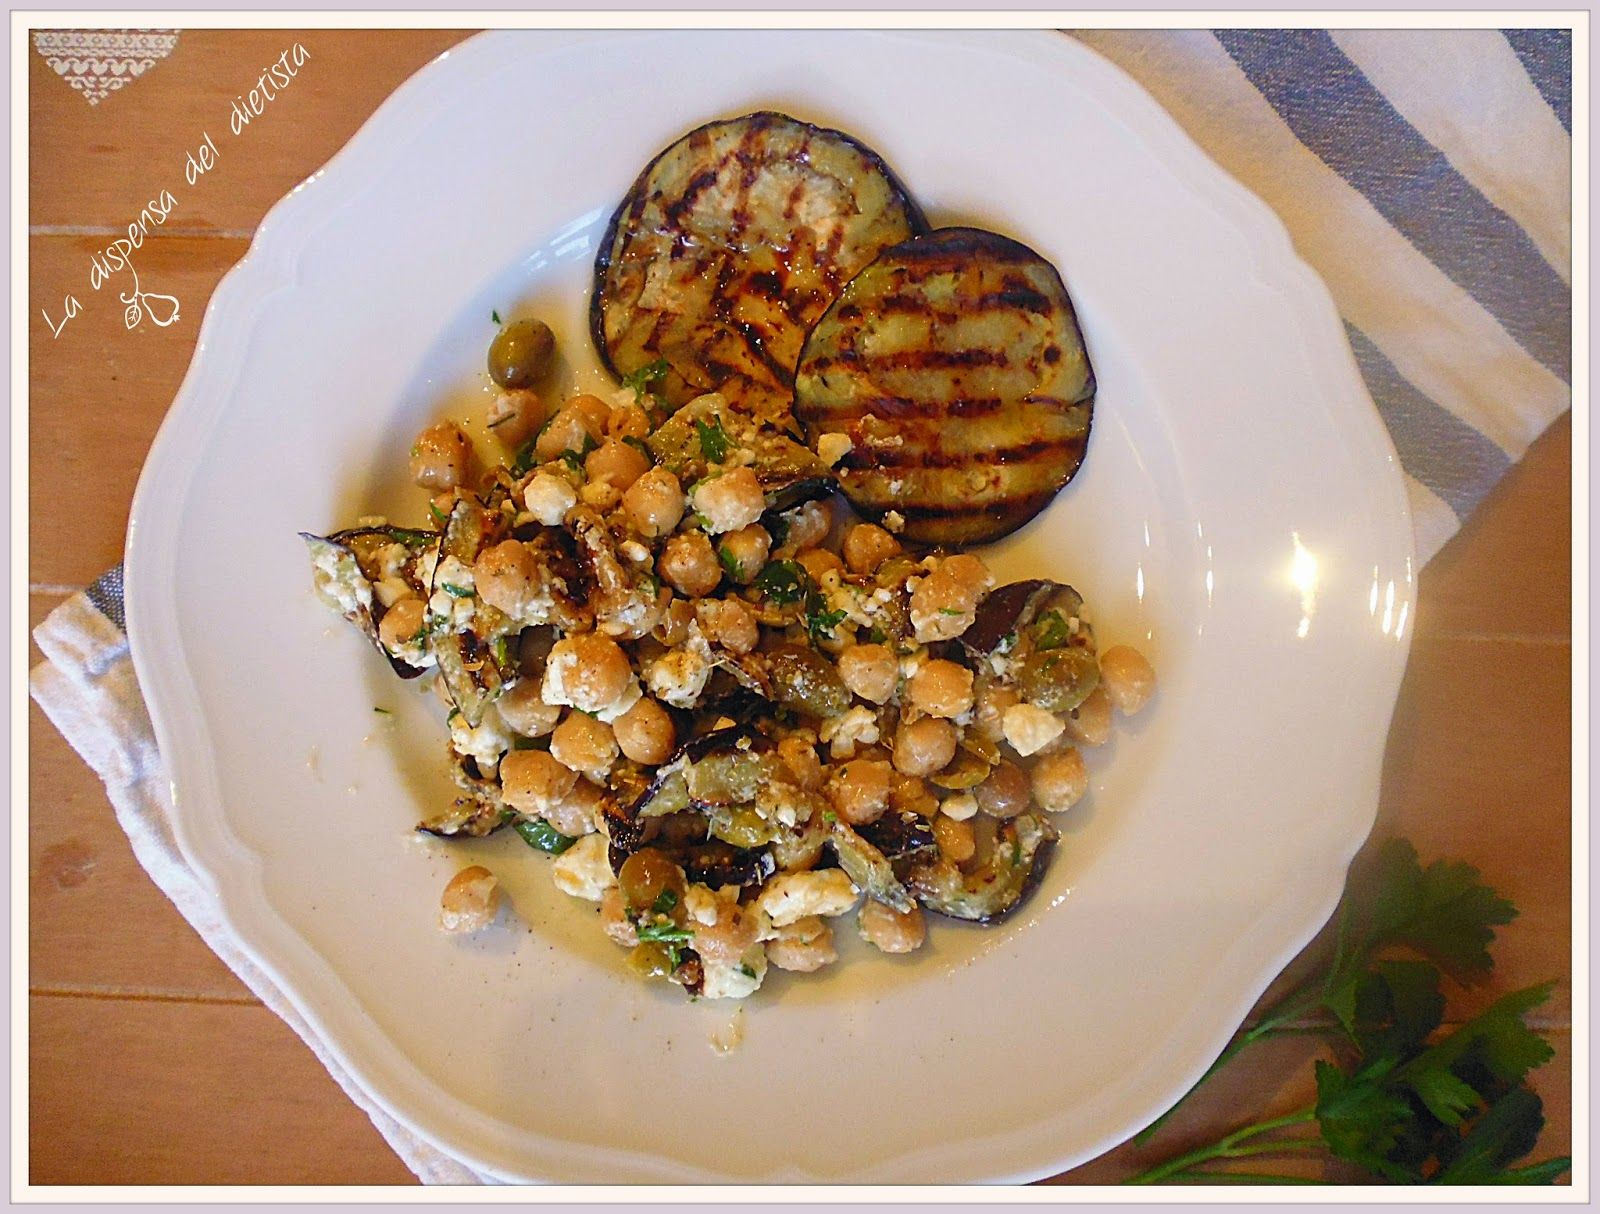 Blog dietista su alimentazione e cucina sana e naturale ricette